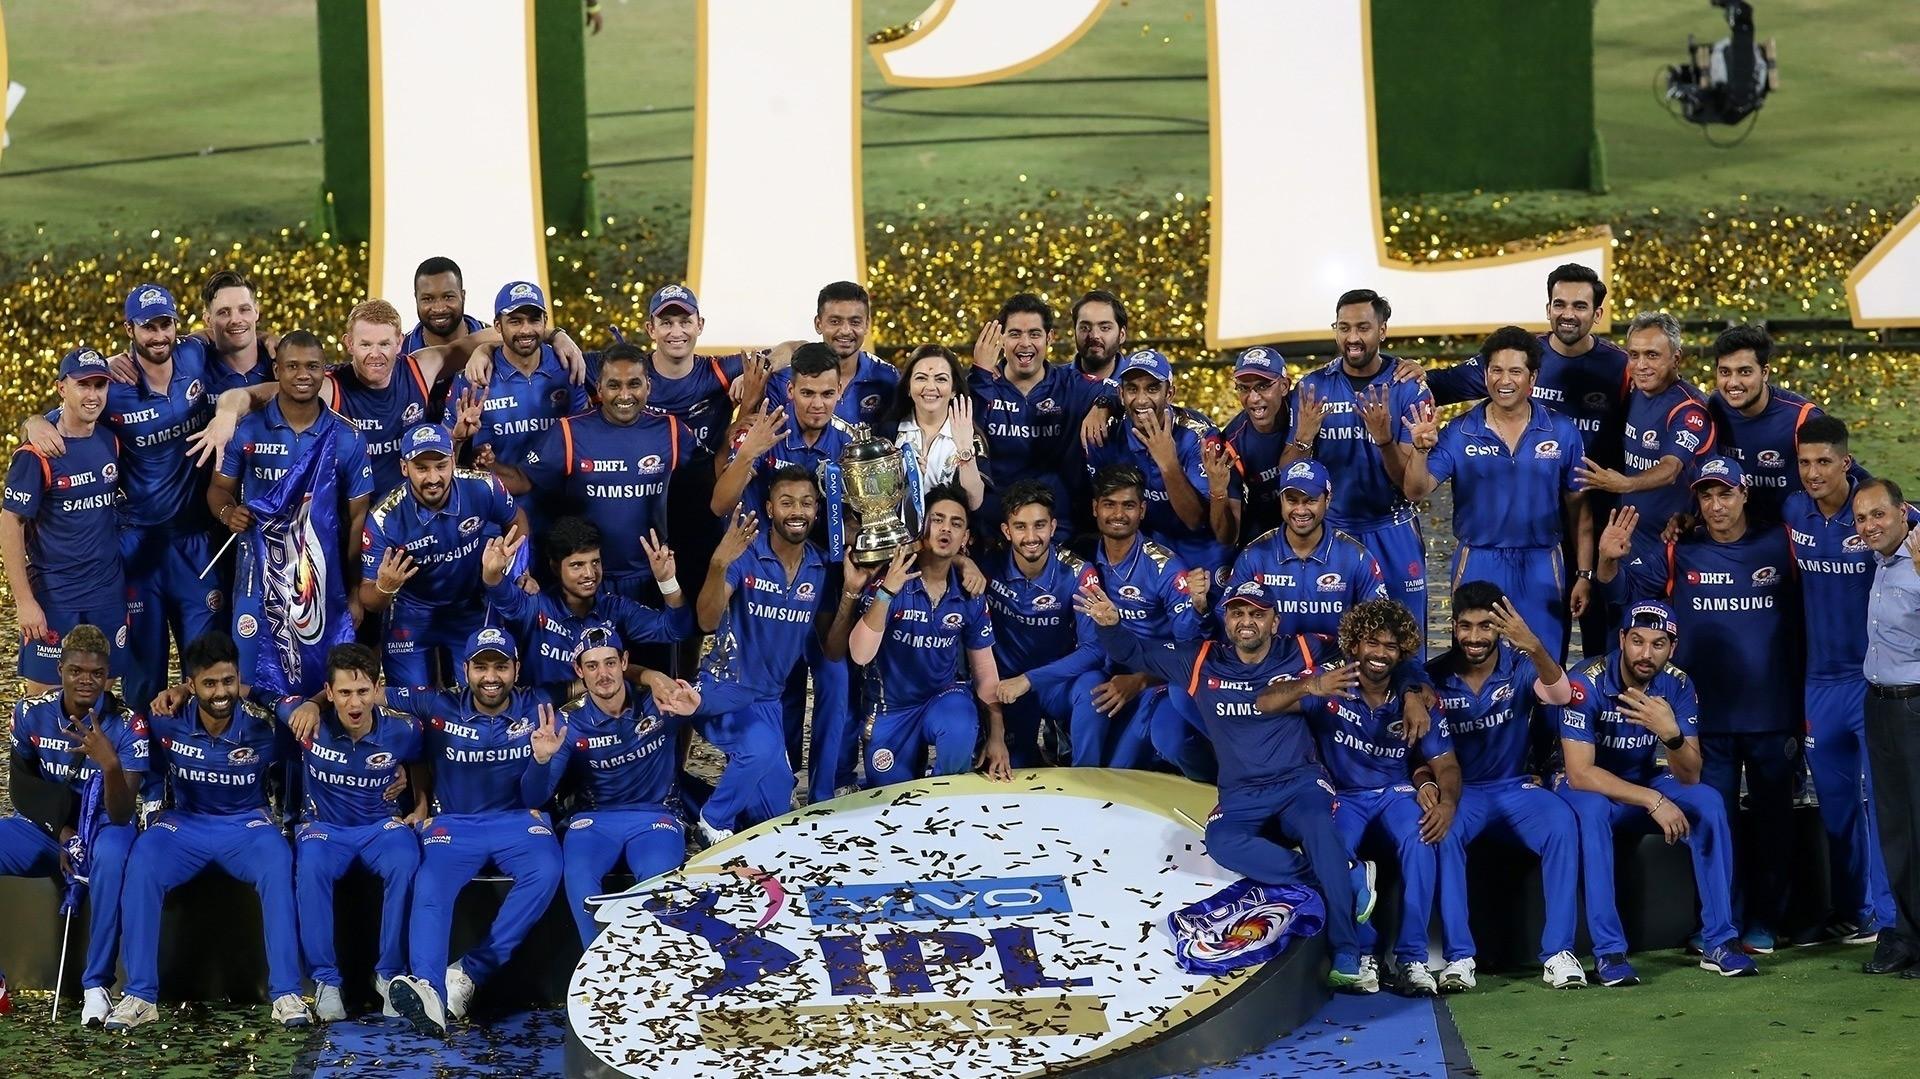 Livestreaming-Rekord: 18 Millionen Online-Zuschauer für Cricket-Spiel in Indien